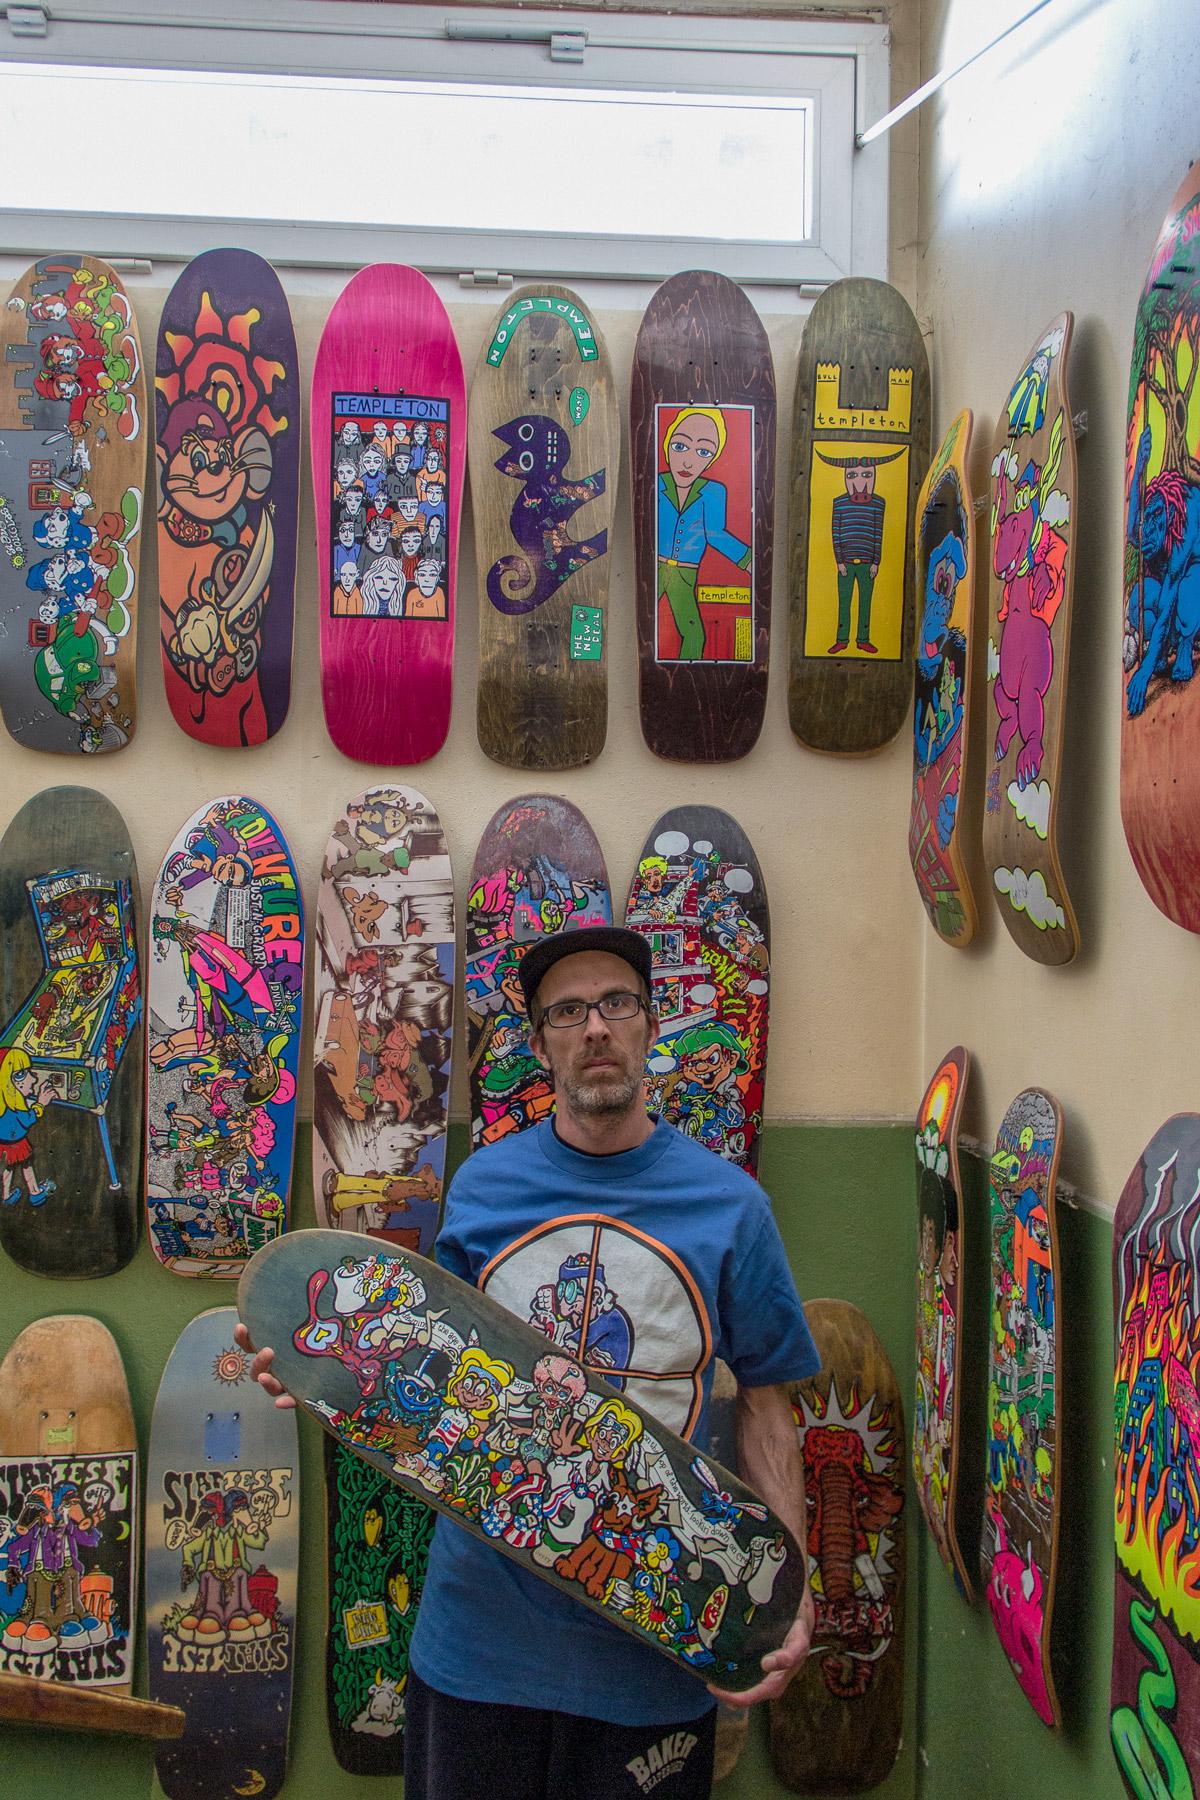 New_Deal_Skateboards_Collectors_Johann-Tieche1.jpg